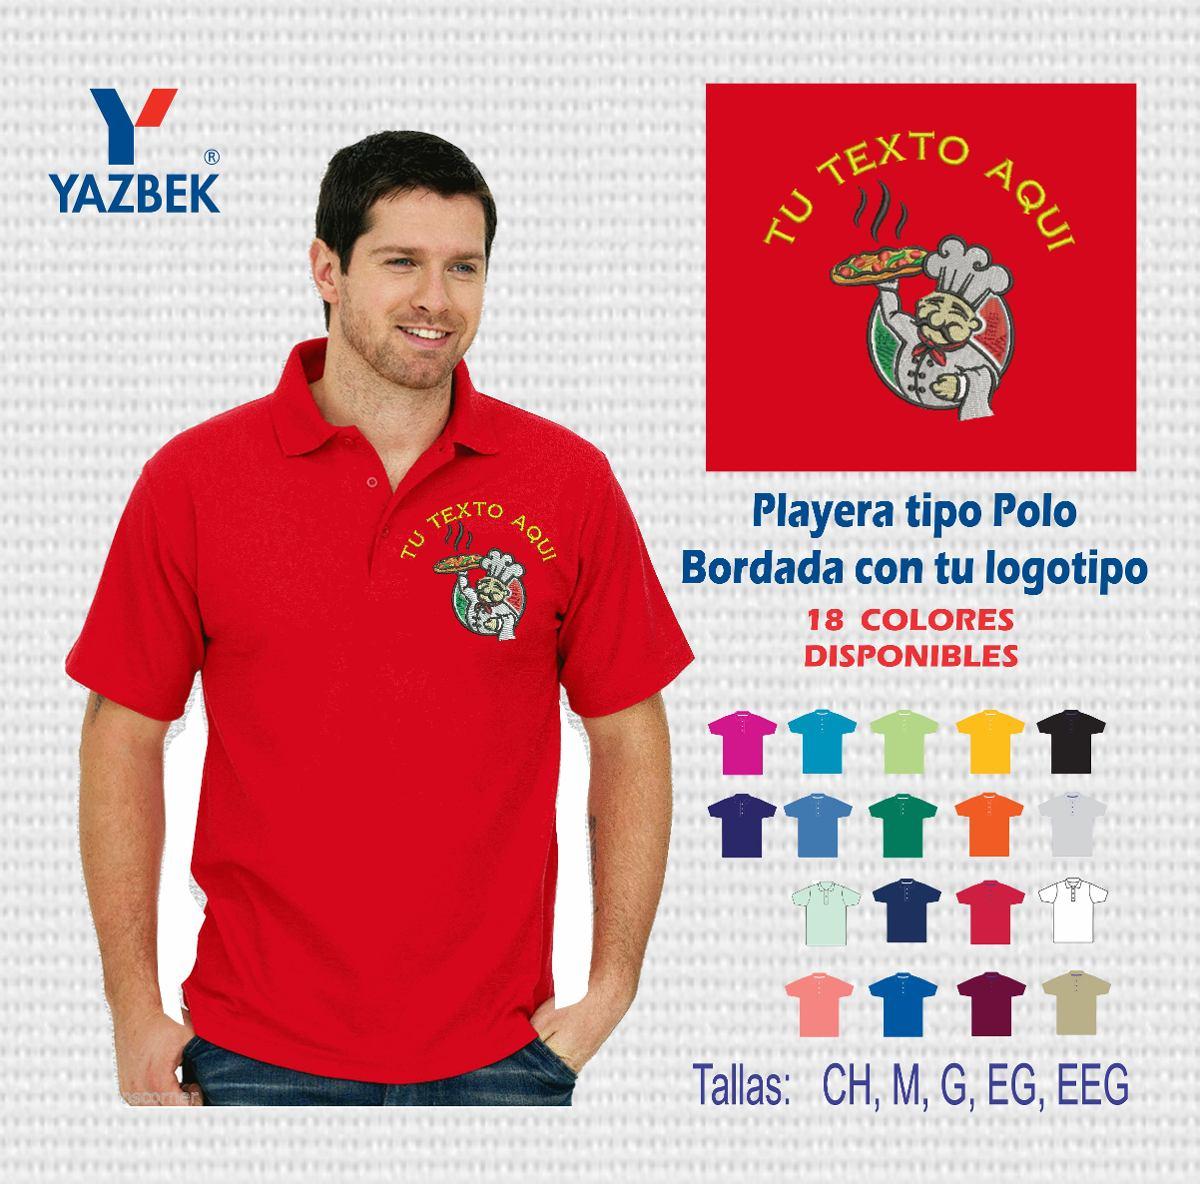 Uniformes Industriales P polo Con Logo Pedi min 12 Piezas -   110.00 ... b10c5eedc146d